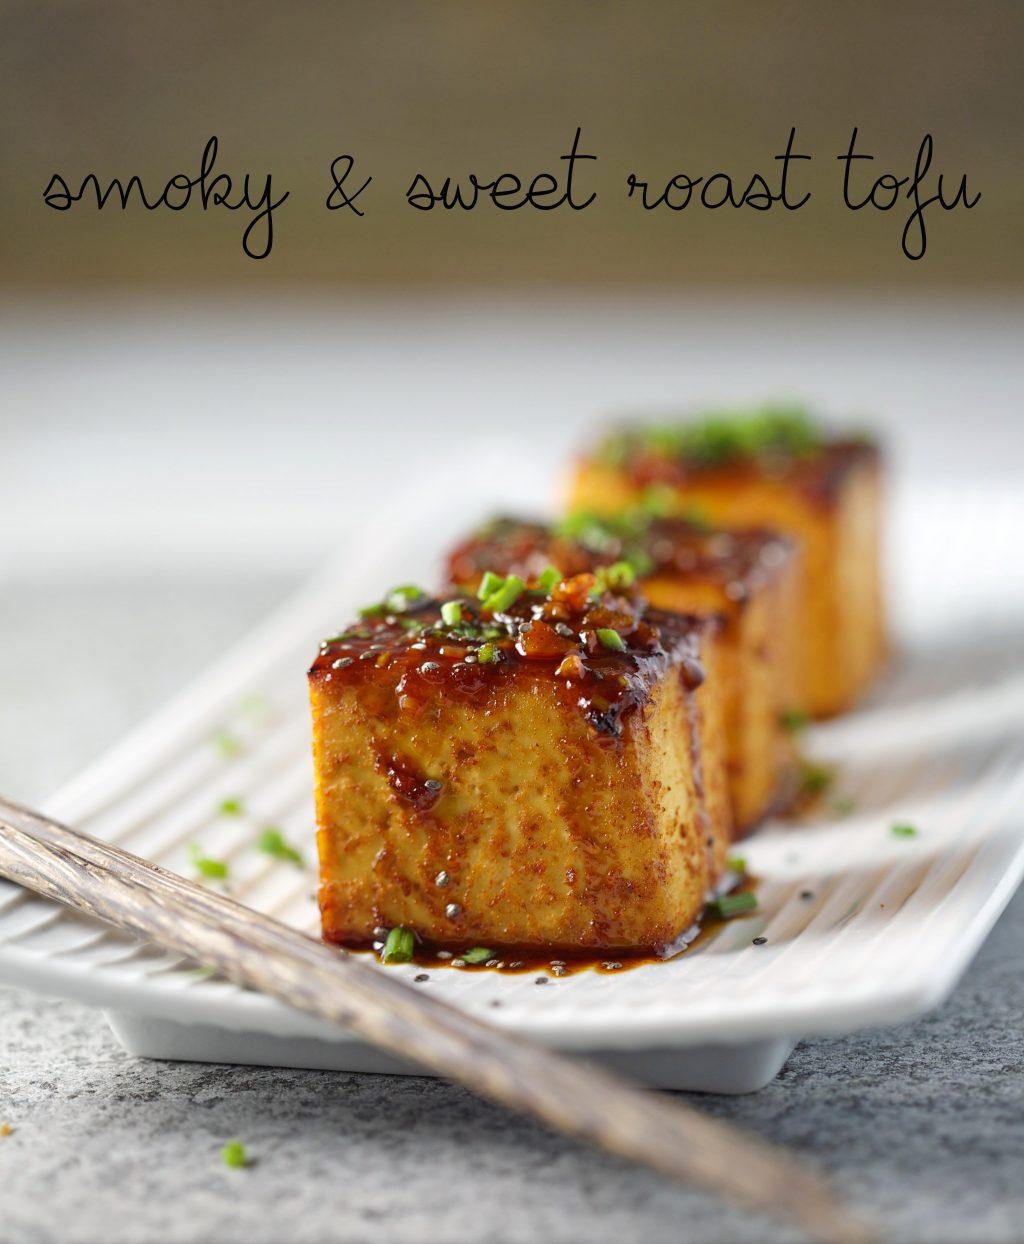 Smoky and Sweet Roast Tofu | My Goodness Kitchen